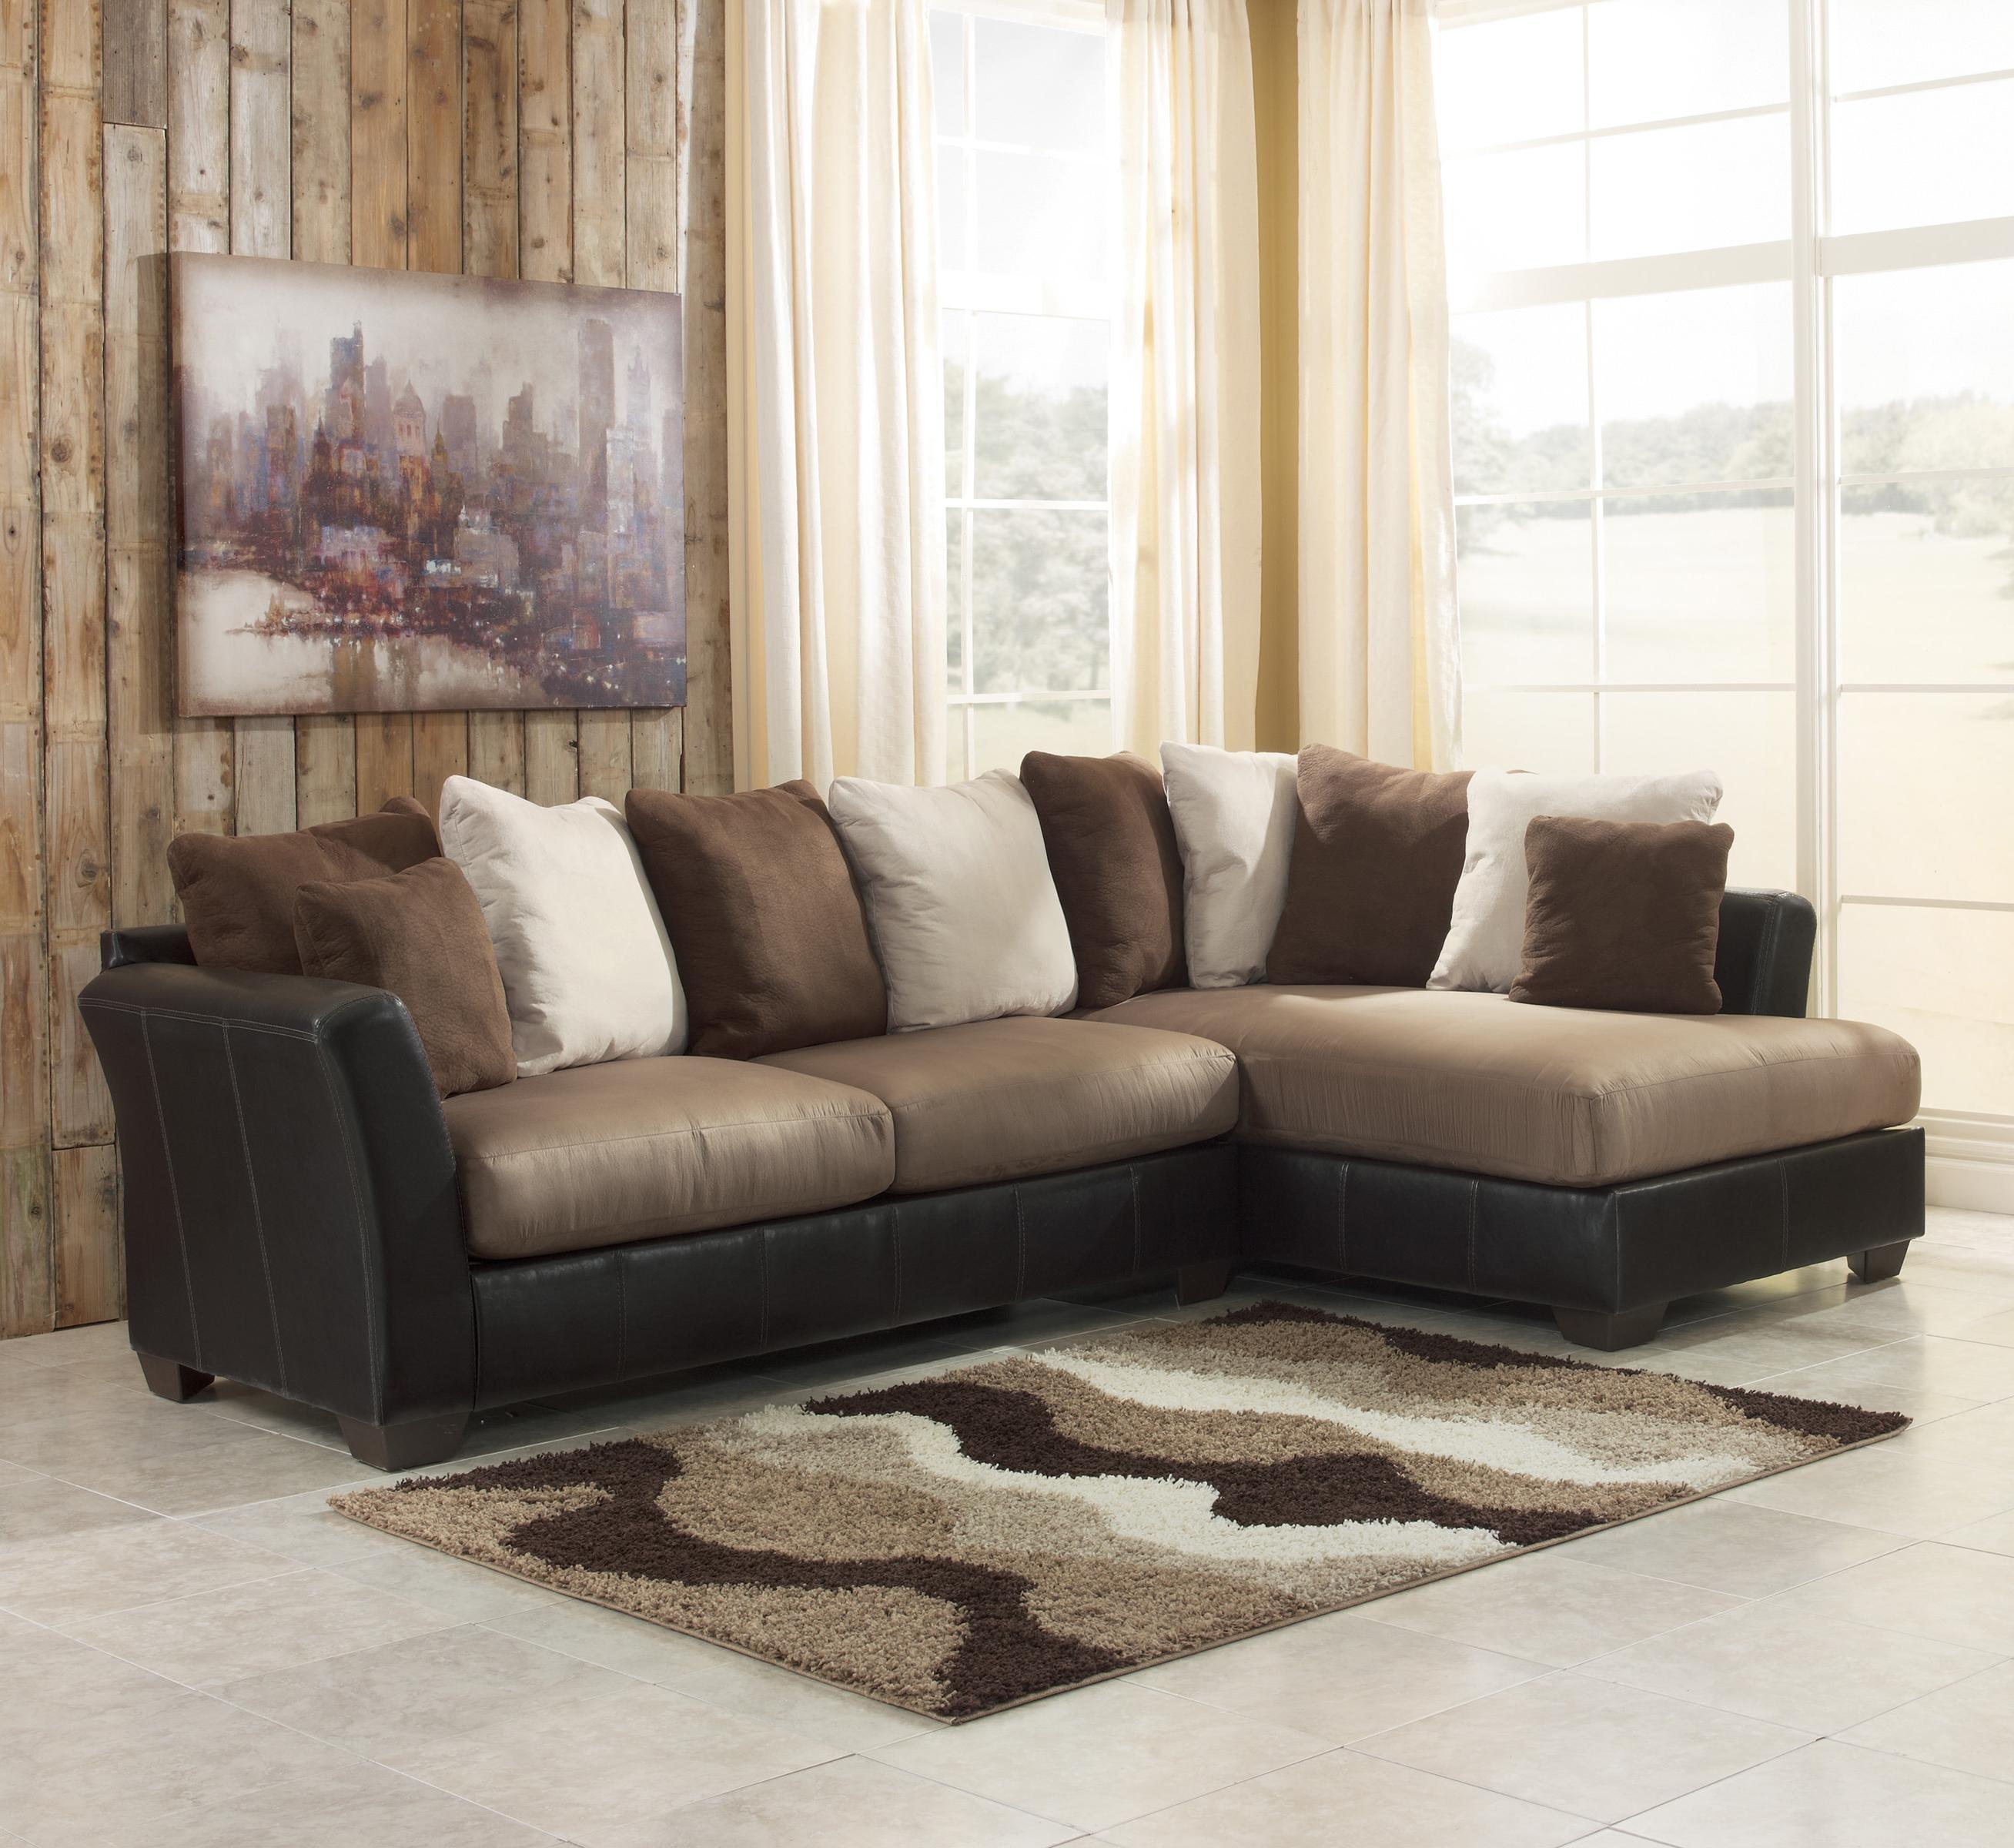 Leather Sectional Sofas Sacramento Refil Sofa